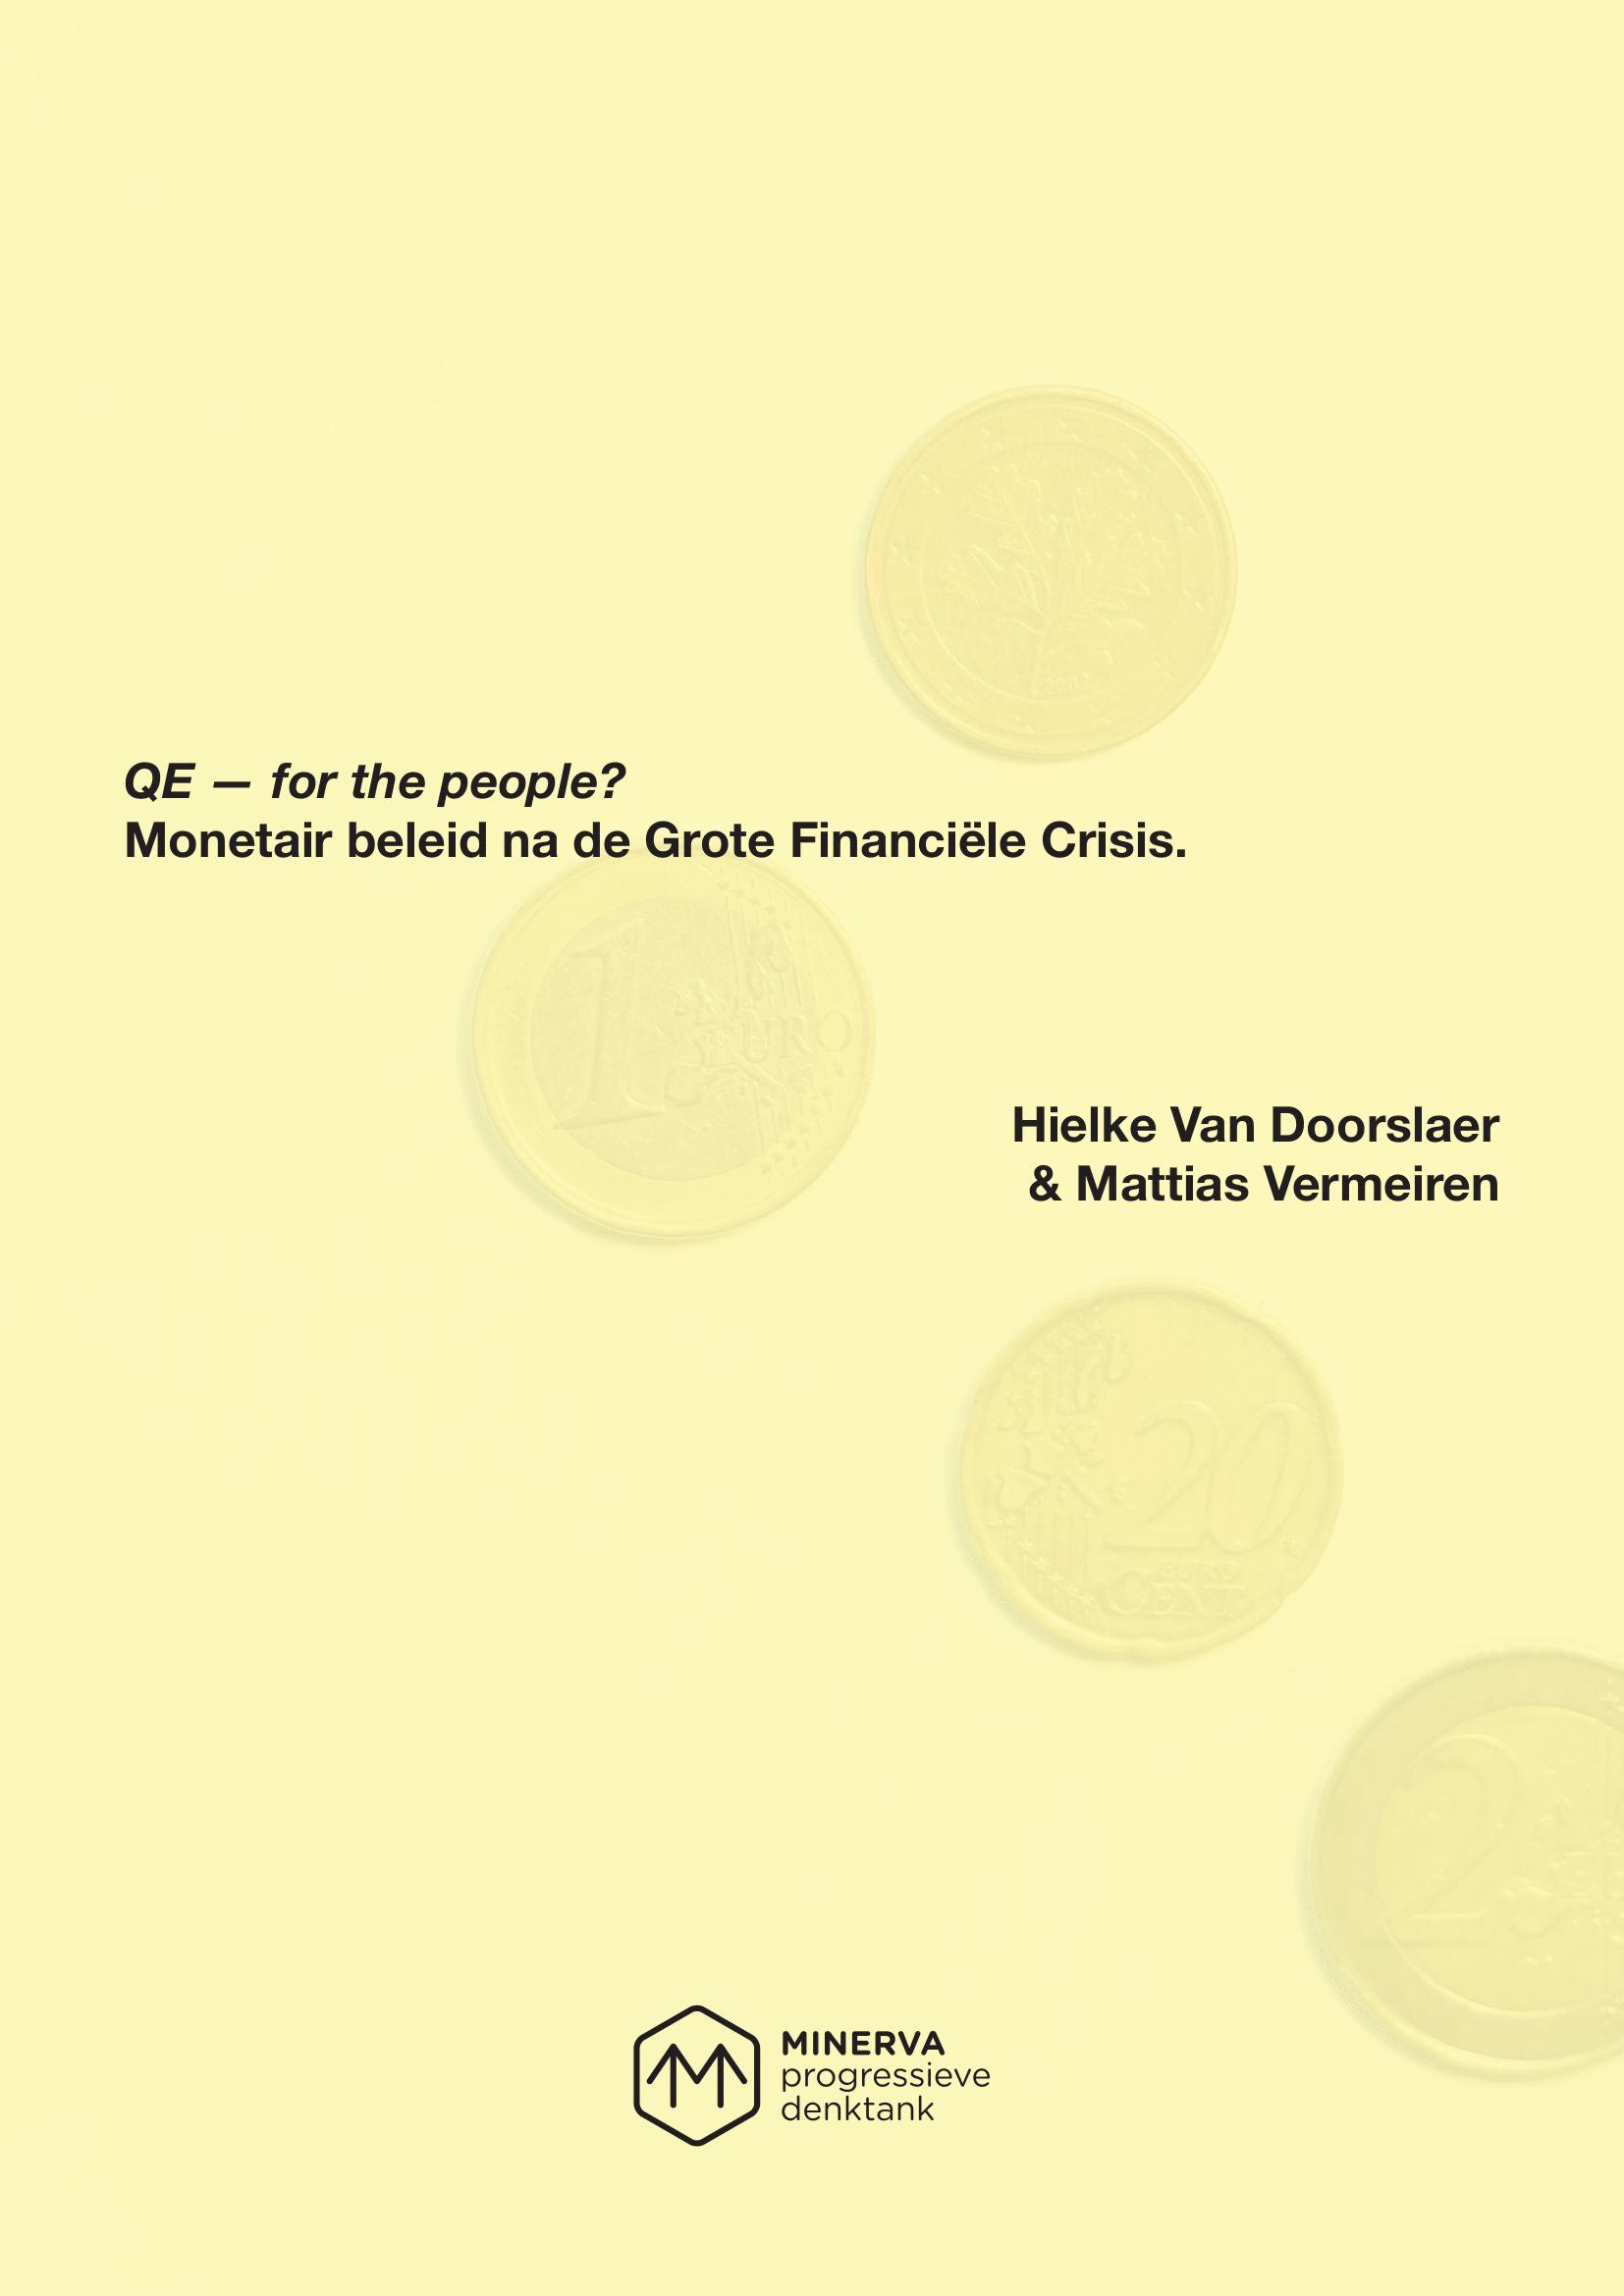 QE - for the people? - Monetair beleid na de Grote Financiële Crisis – Hielke Van Doorslaer & Mattias Vermeiren